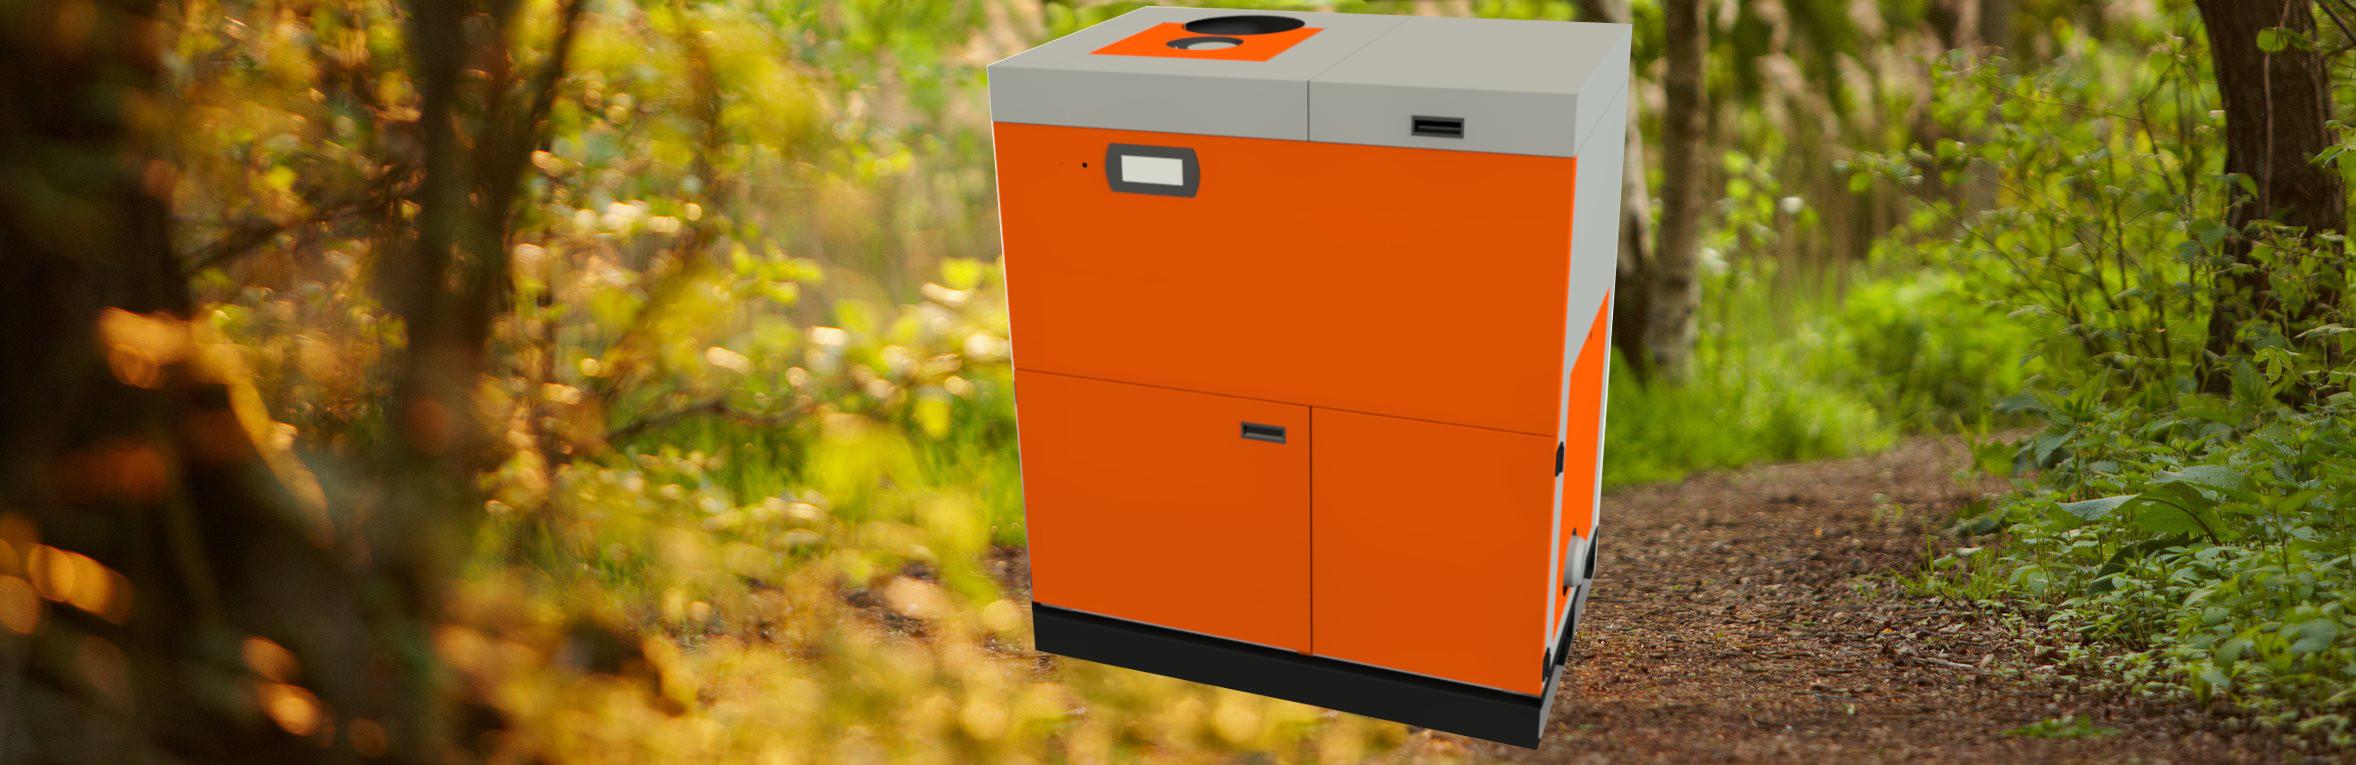 biomasse heizungstechnik heizung holzheizung heizl sungen heizkessel pelletheizung. Black Bedroom Furniture Sets. Home Design Ideas